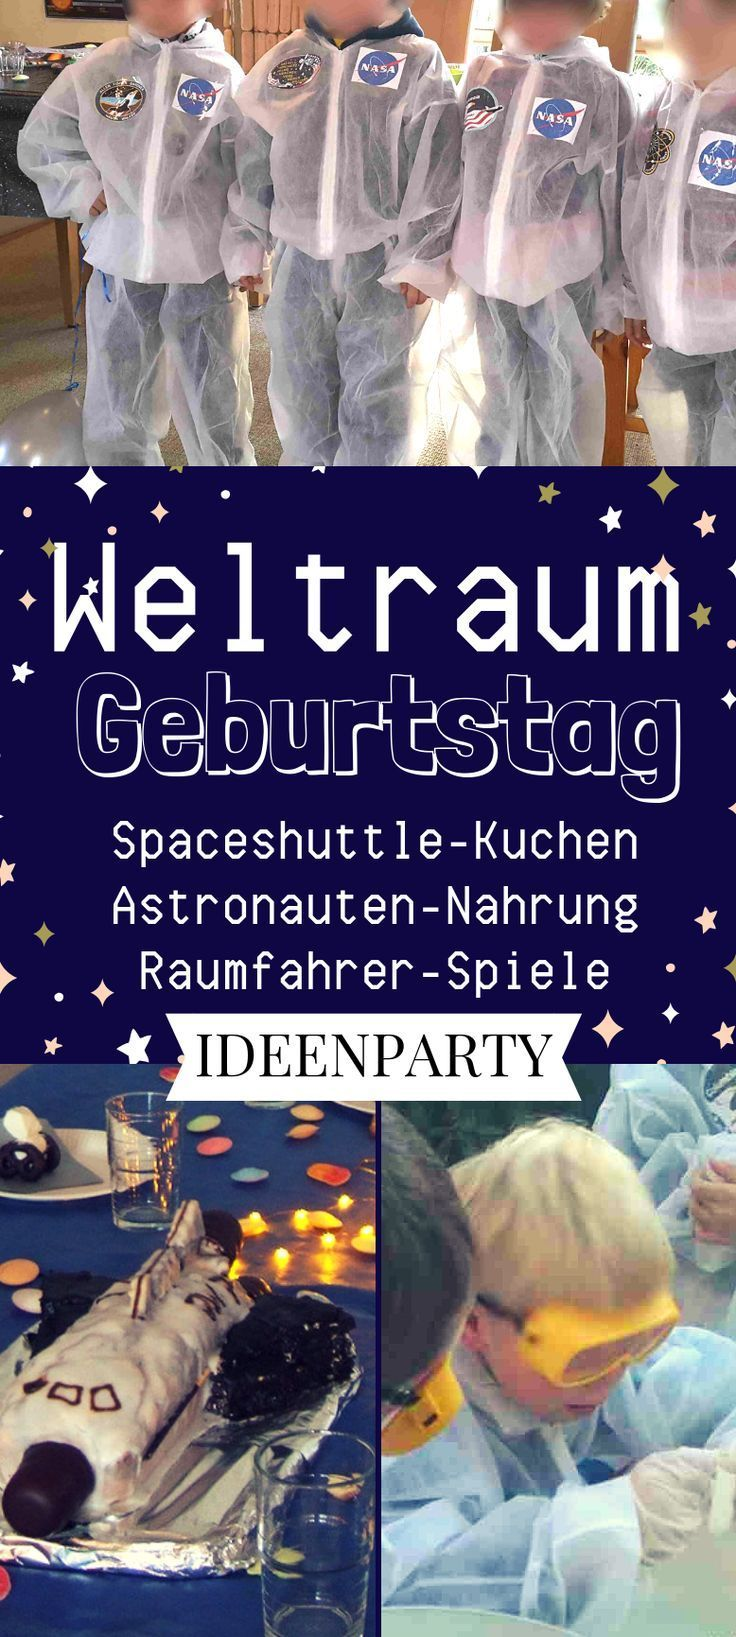 Ein Weltraumgeburtstag ist ein besonders cooles Motto für einen Kindergeburtsta